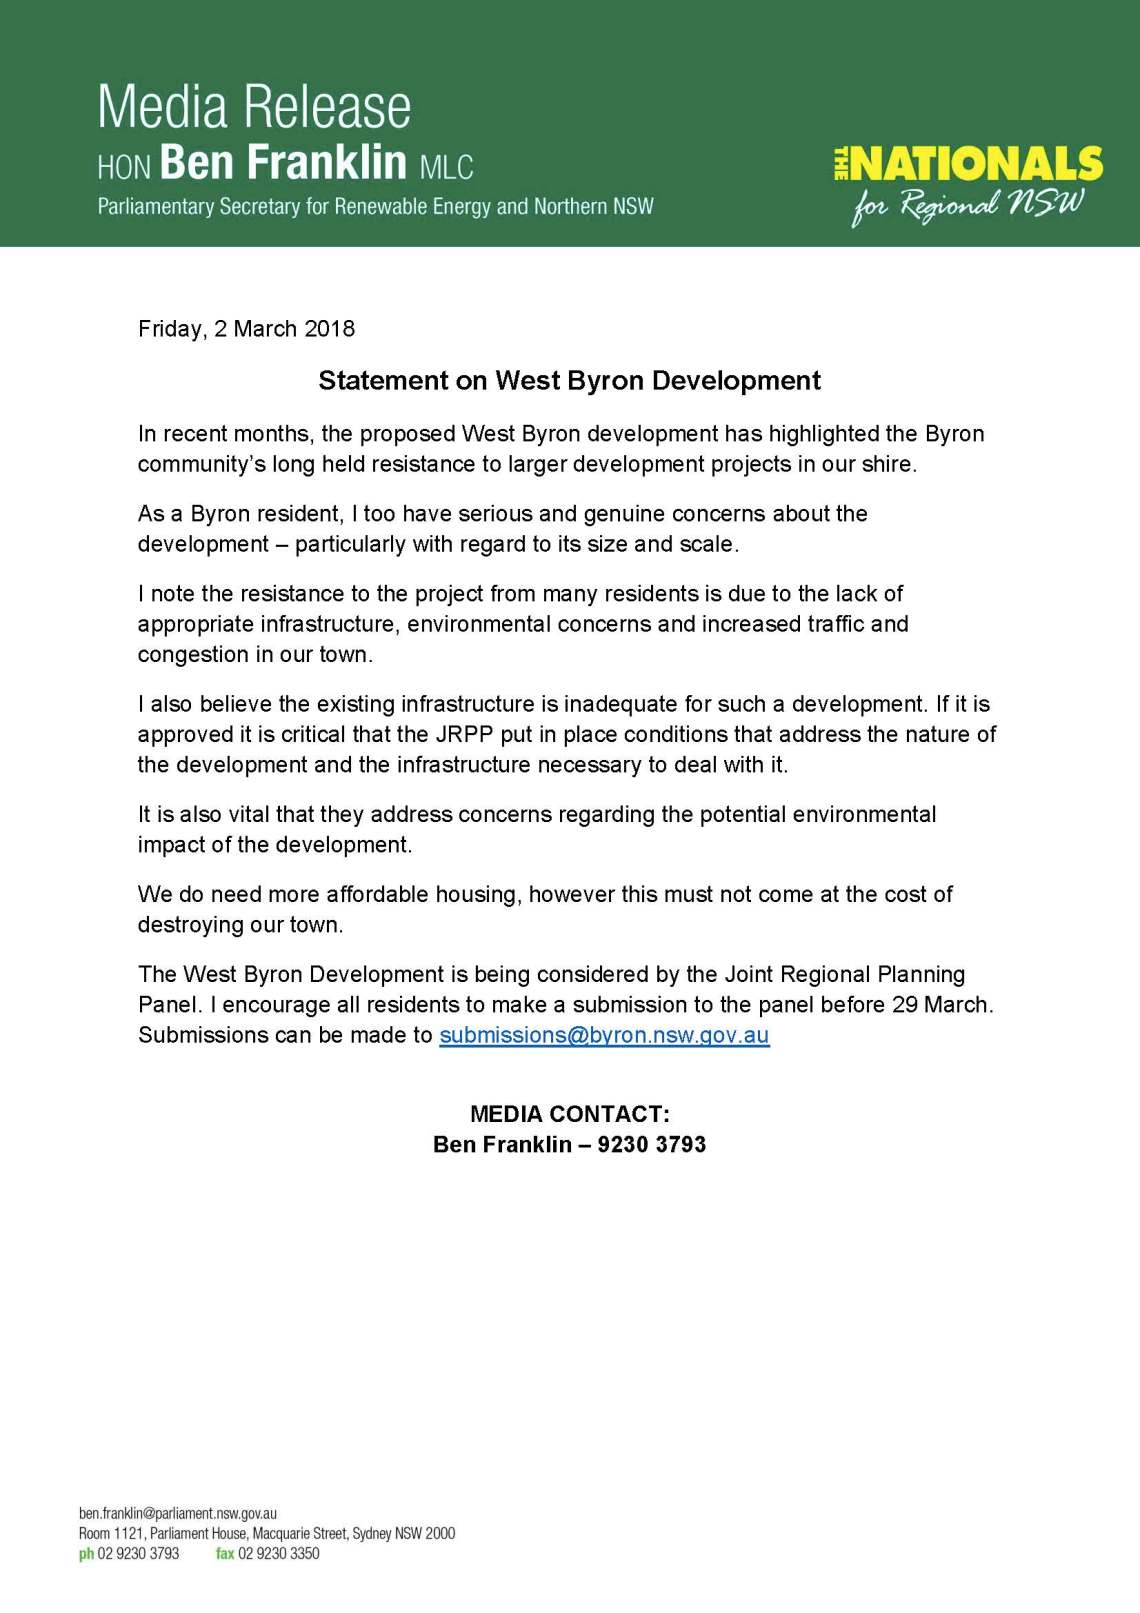 Ben Franklin MEDIA STATEMENT - West Byron Development